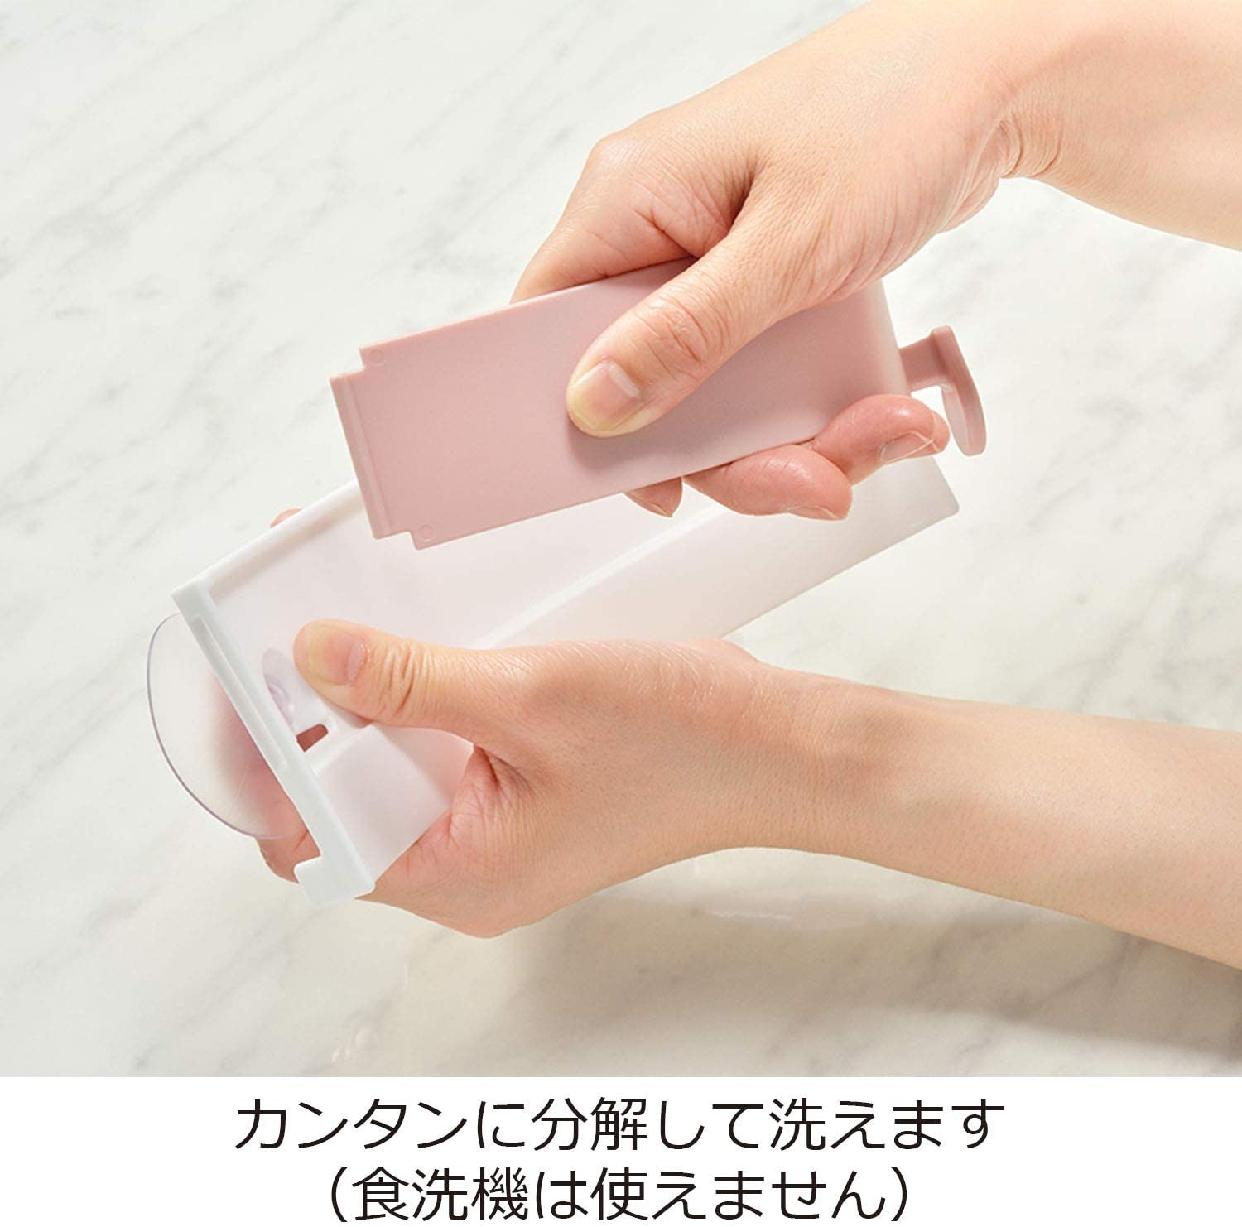 AUX(オークス) パコン!としまるごみ袋ホルダー  【レイエ】  LS1517の商品画像4